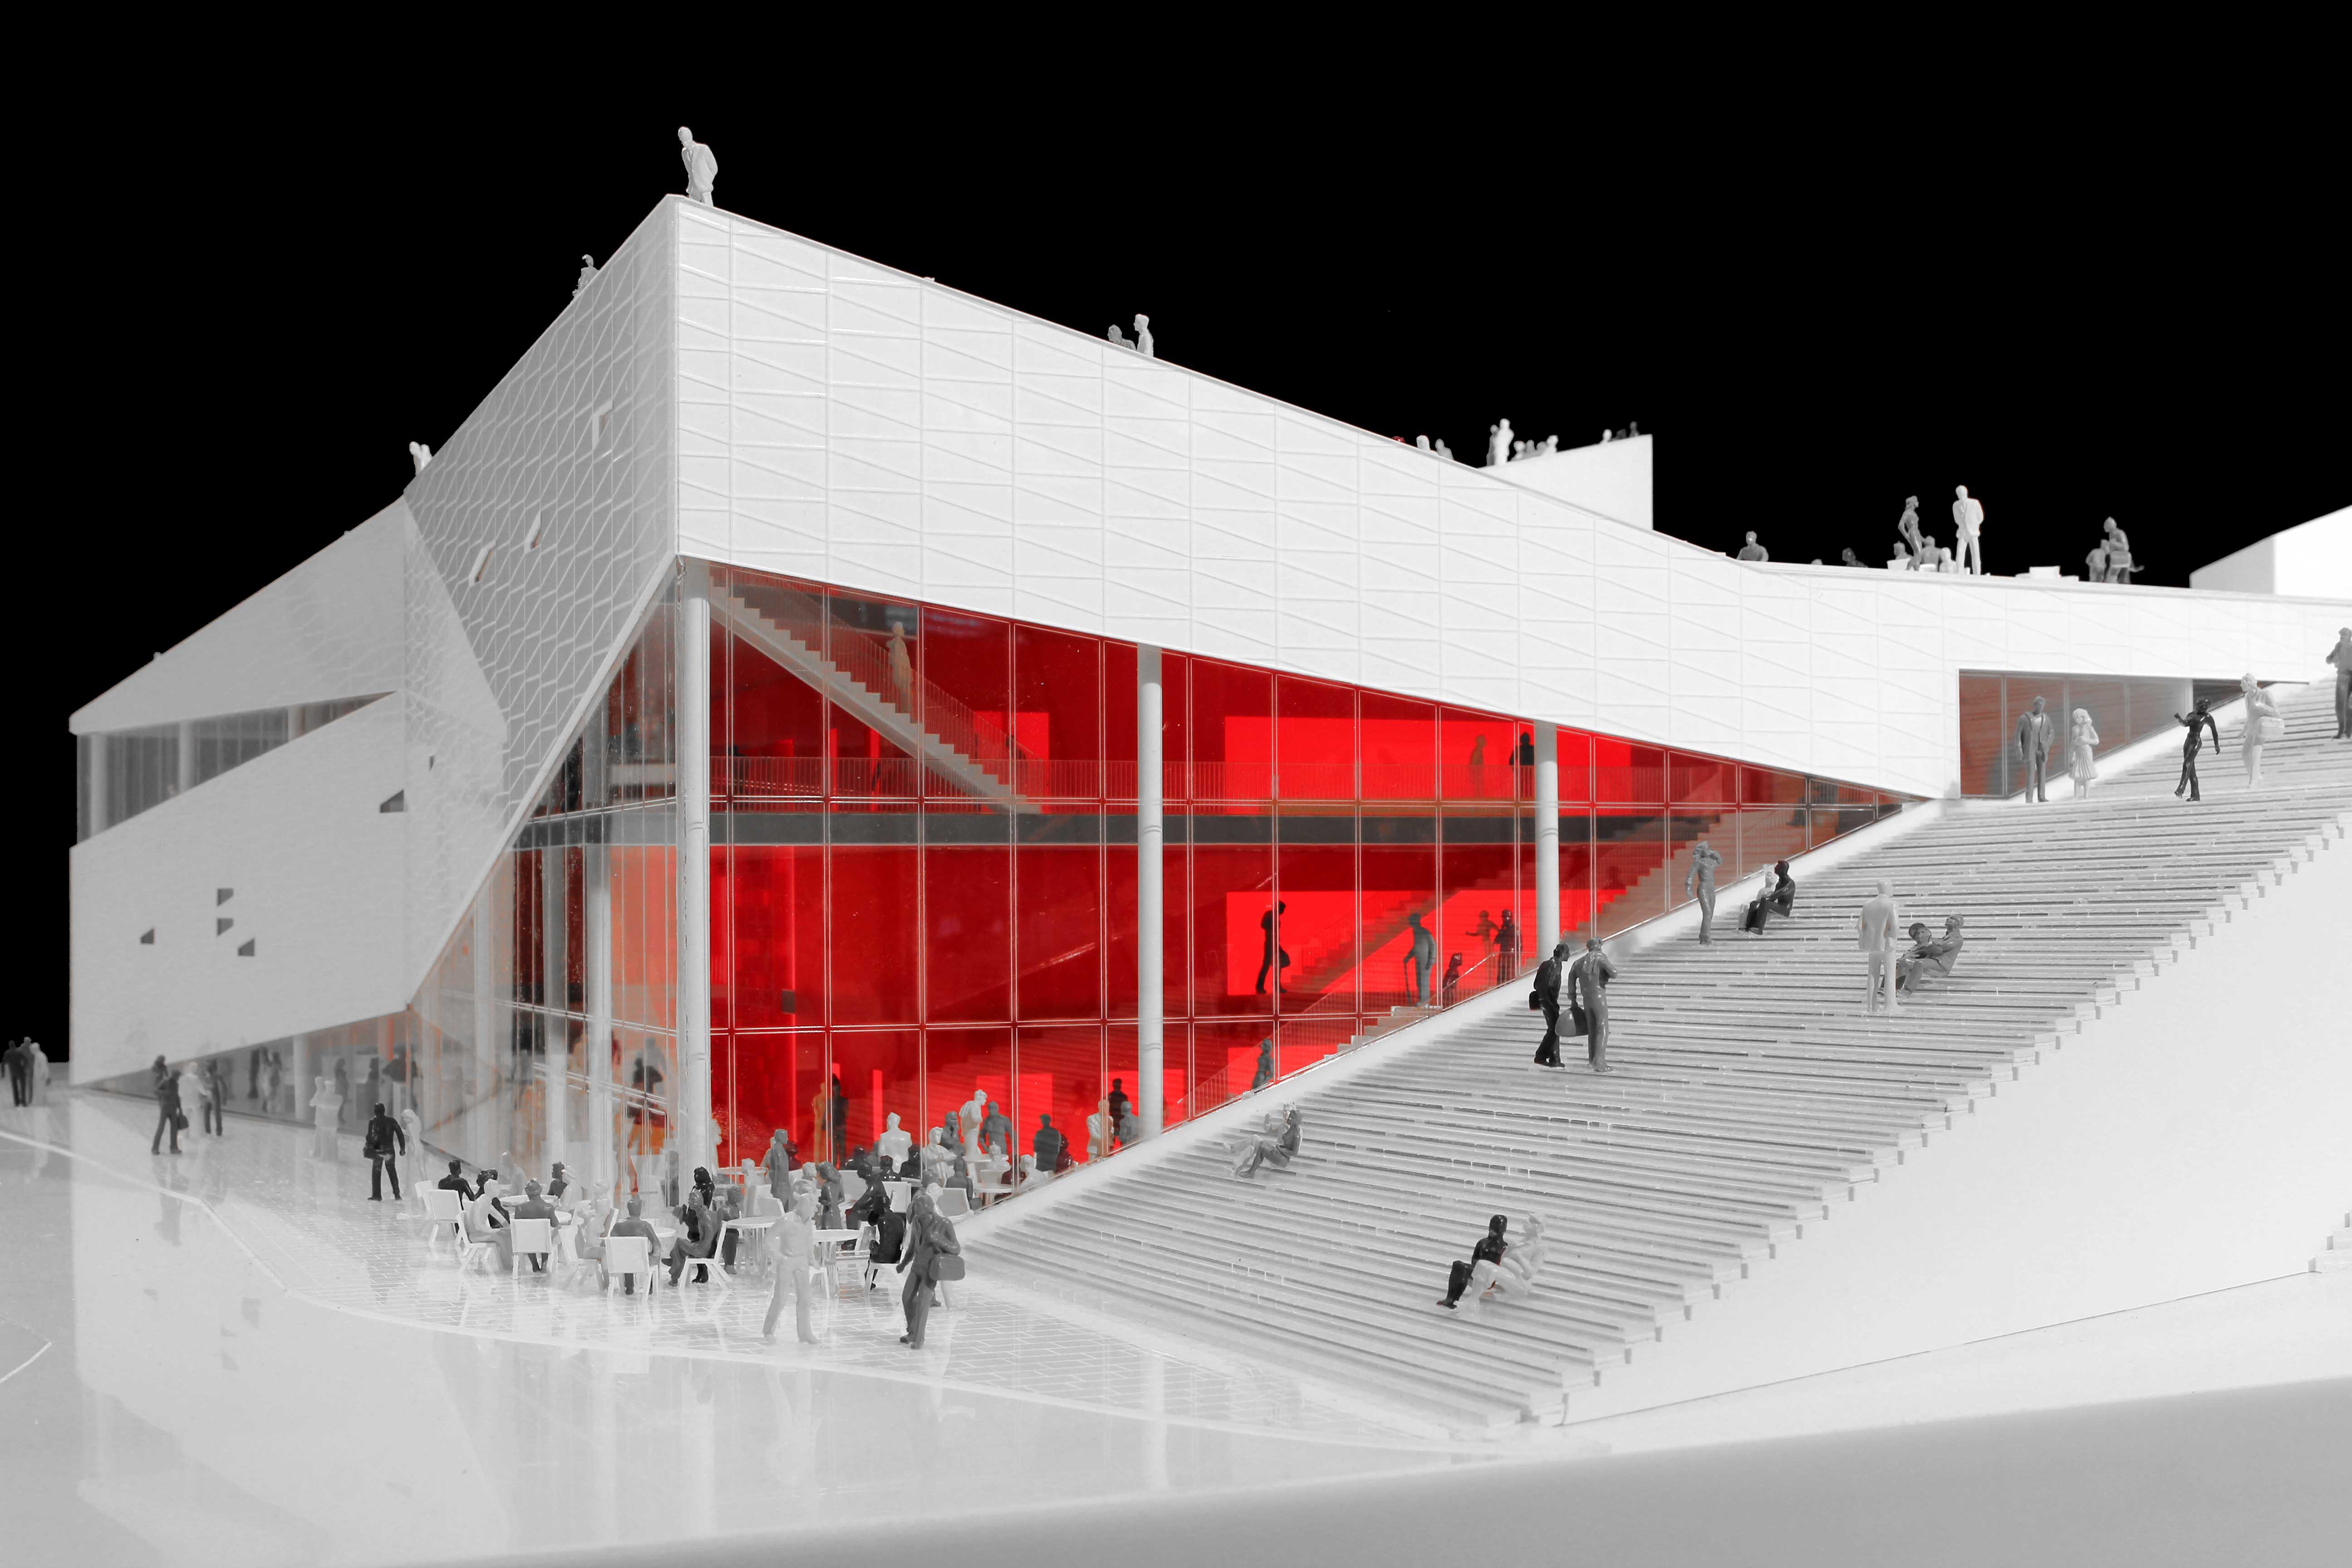 Plassen Cultural Center in Norway